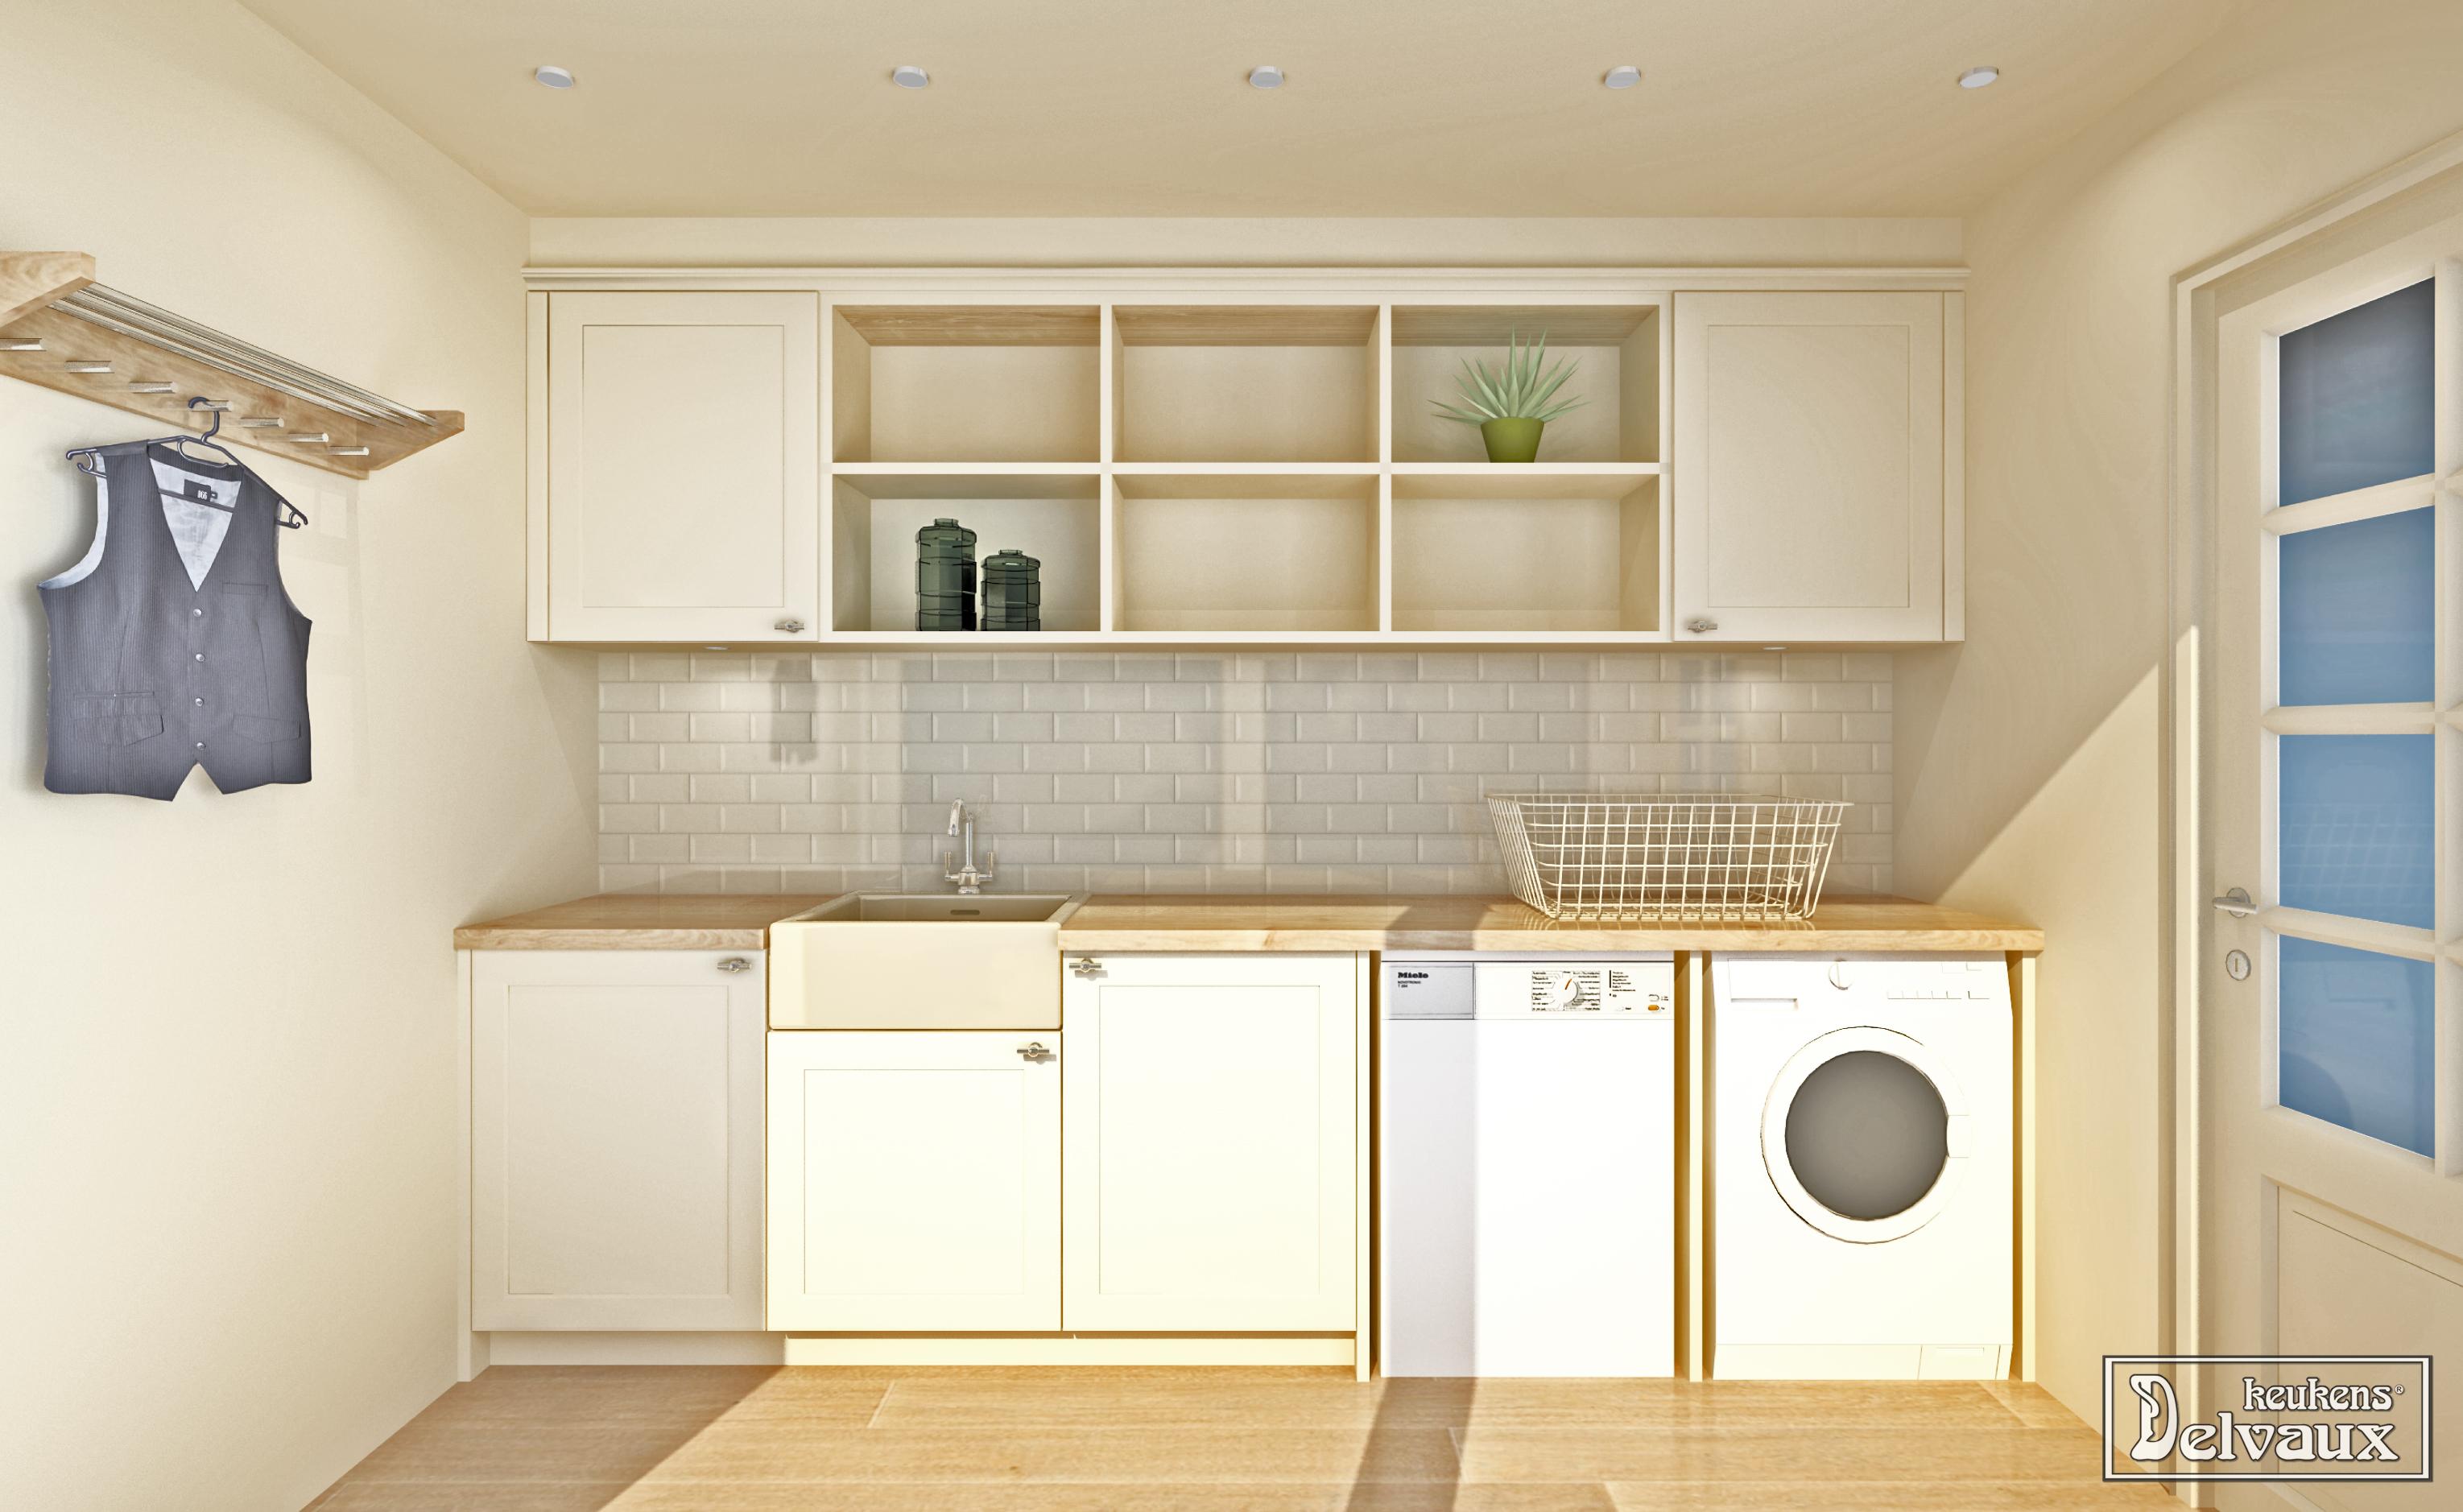 Droog Design Keuken : Alno showroomkeuken moderne grijze designkeuken met kookeiland